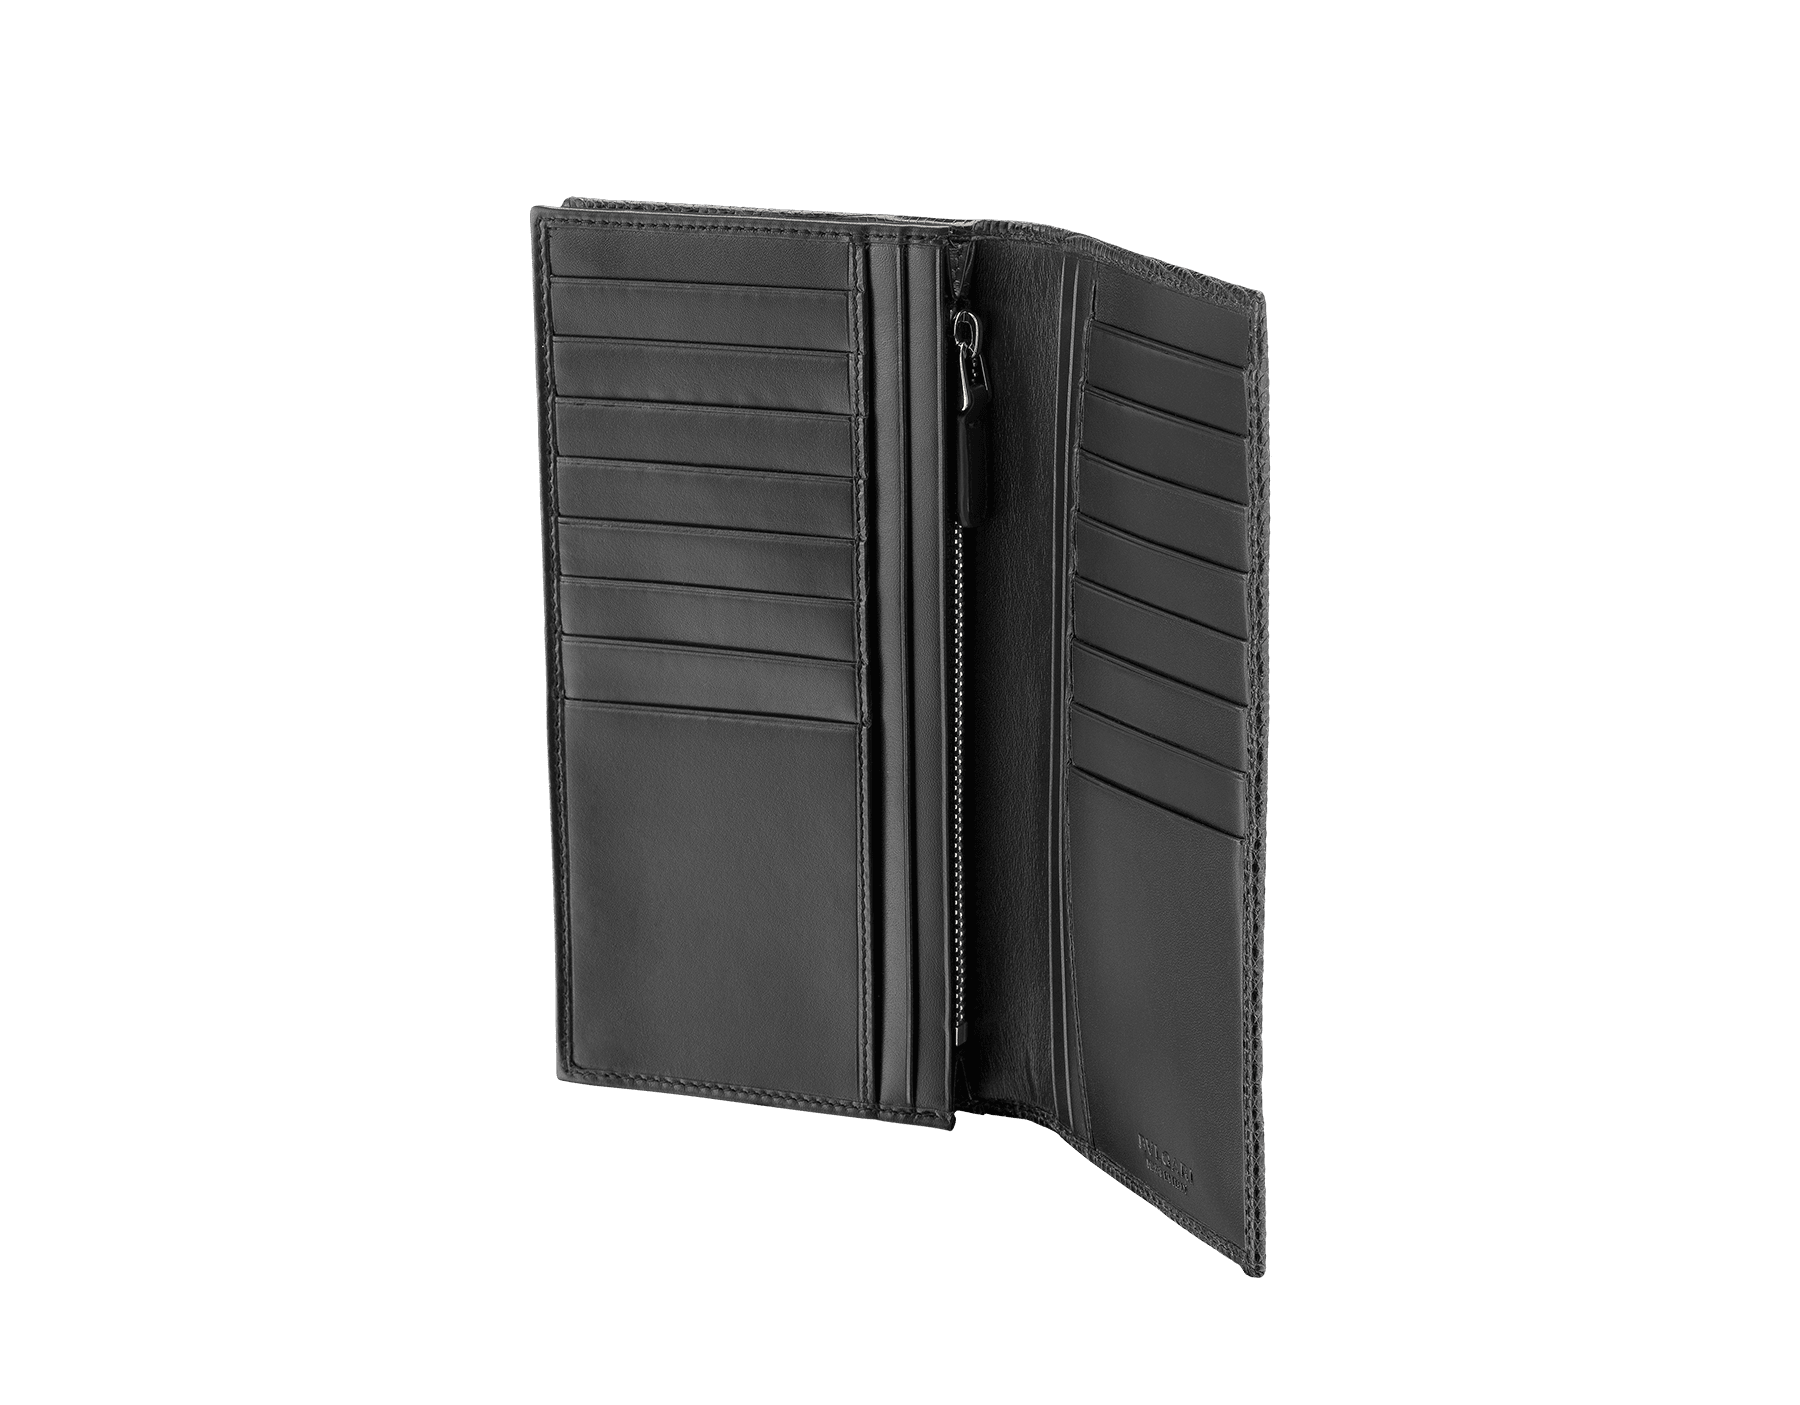 デニムサファイアのシャイニーリザードスキンとカーフレザー製の財布。ブラスパラジウムプレートの金具とアイコニックな「ブルガリ・ブルガリ」モチーフ。 BBM-WLT-Y-ZP-16C-sl image 2